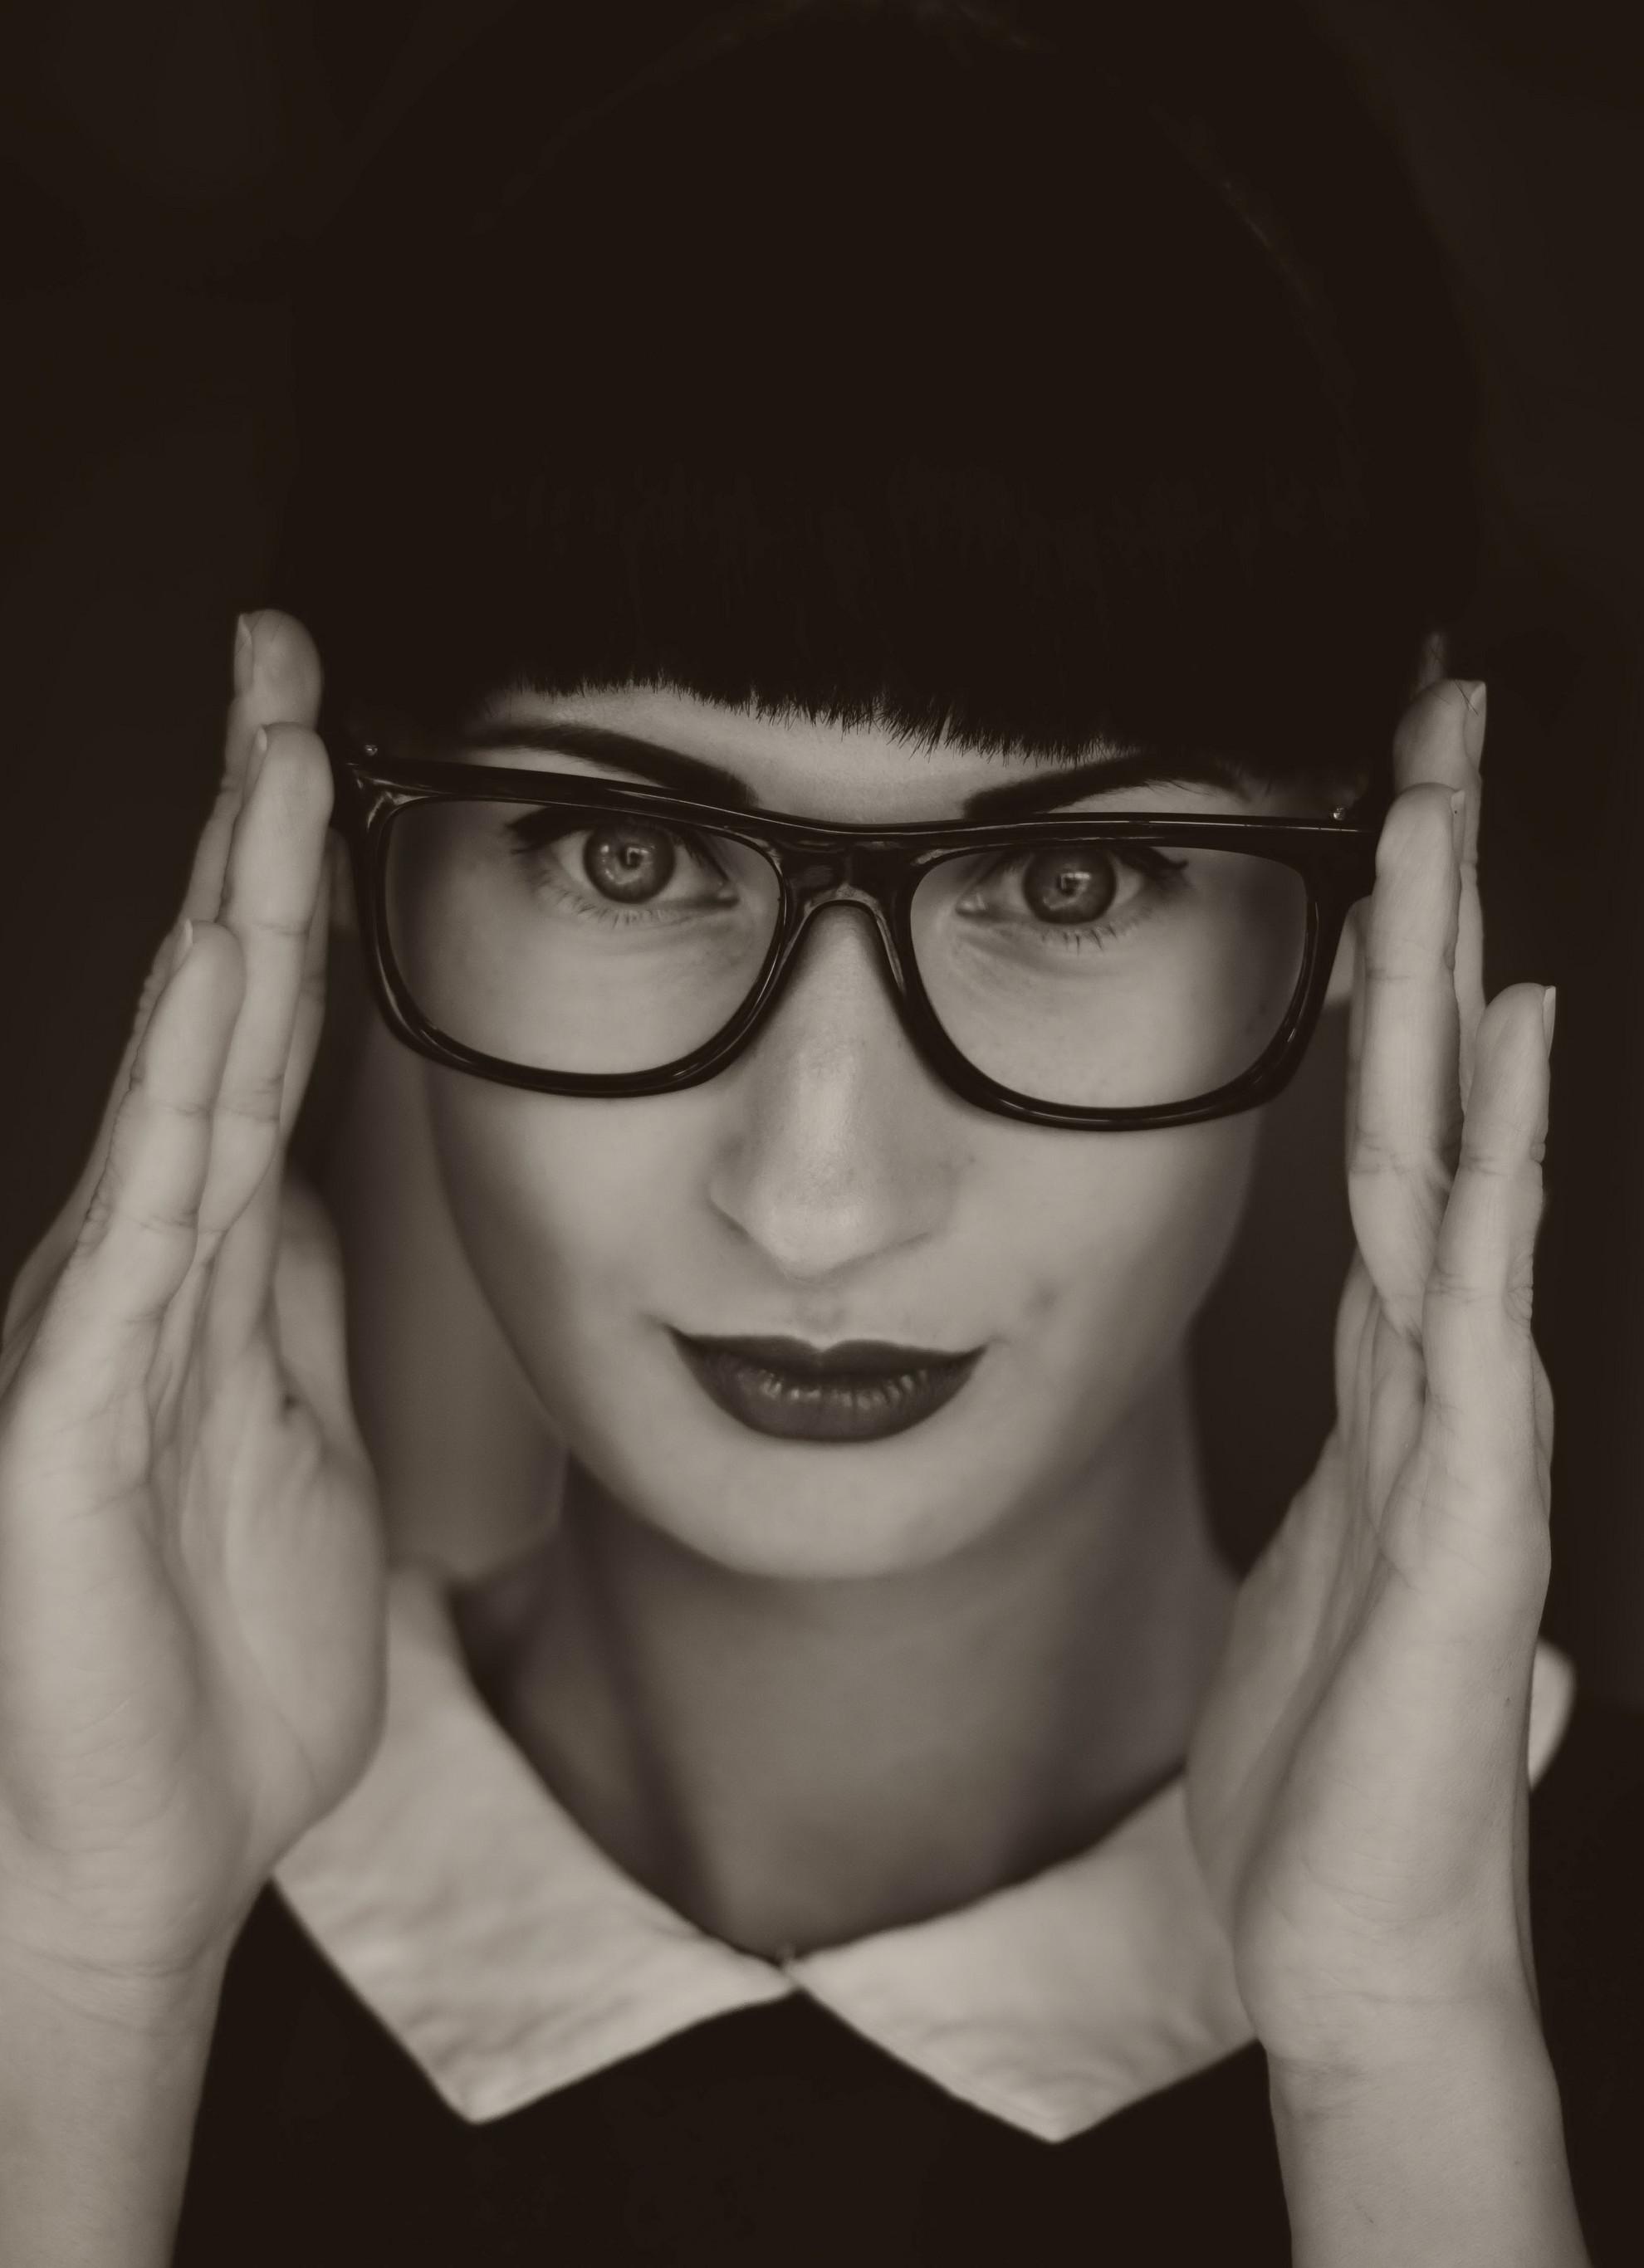 Sokan akkor is hordták az SZTK-keretes szemüveget, ha nem volt szükségük rá